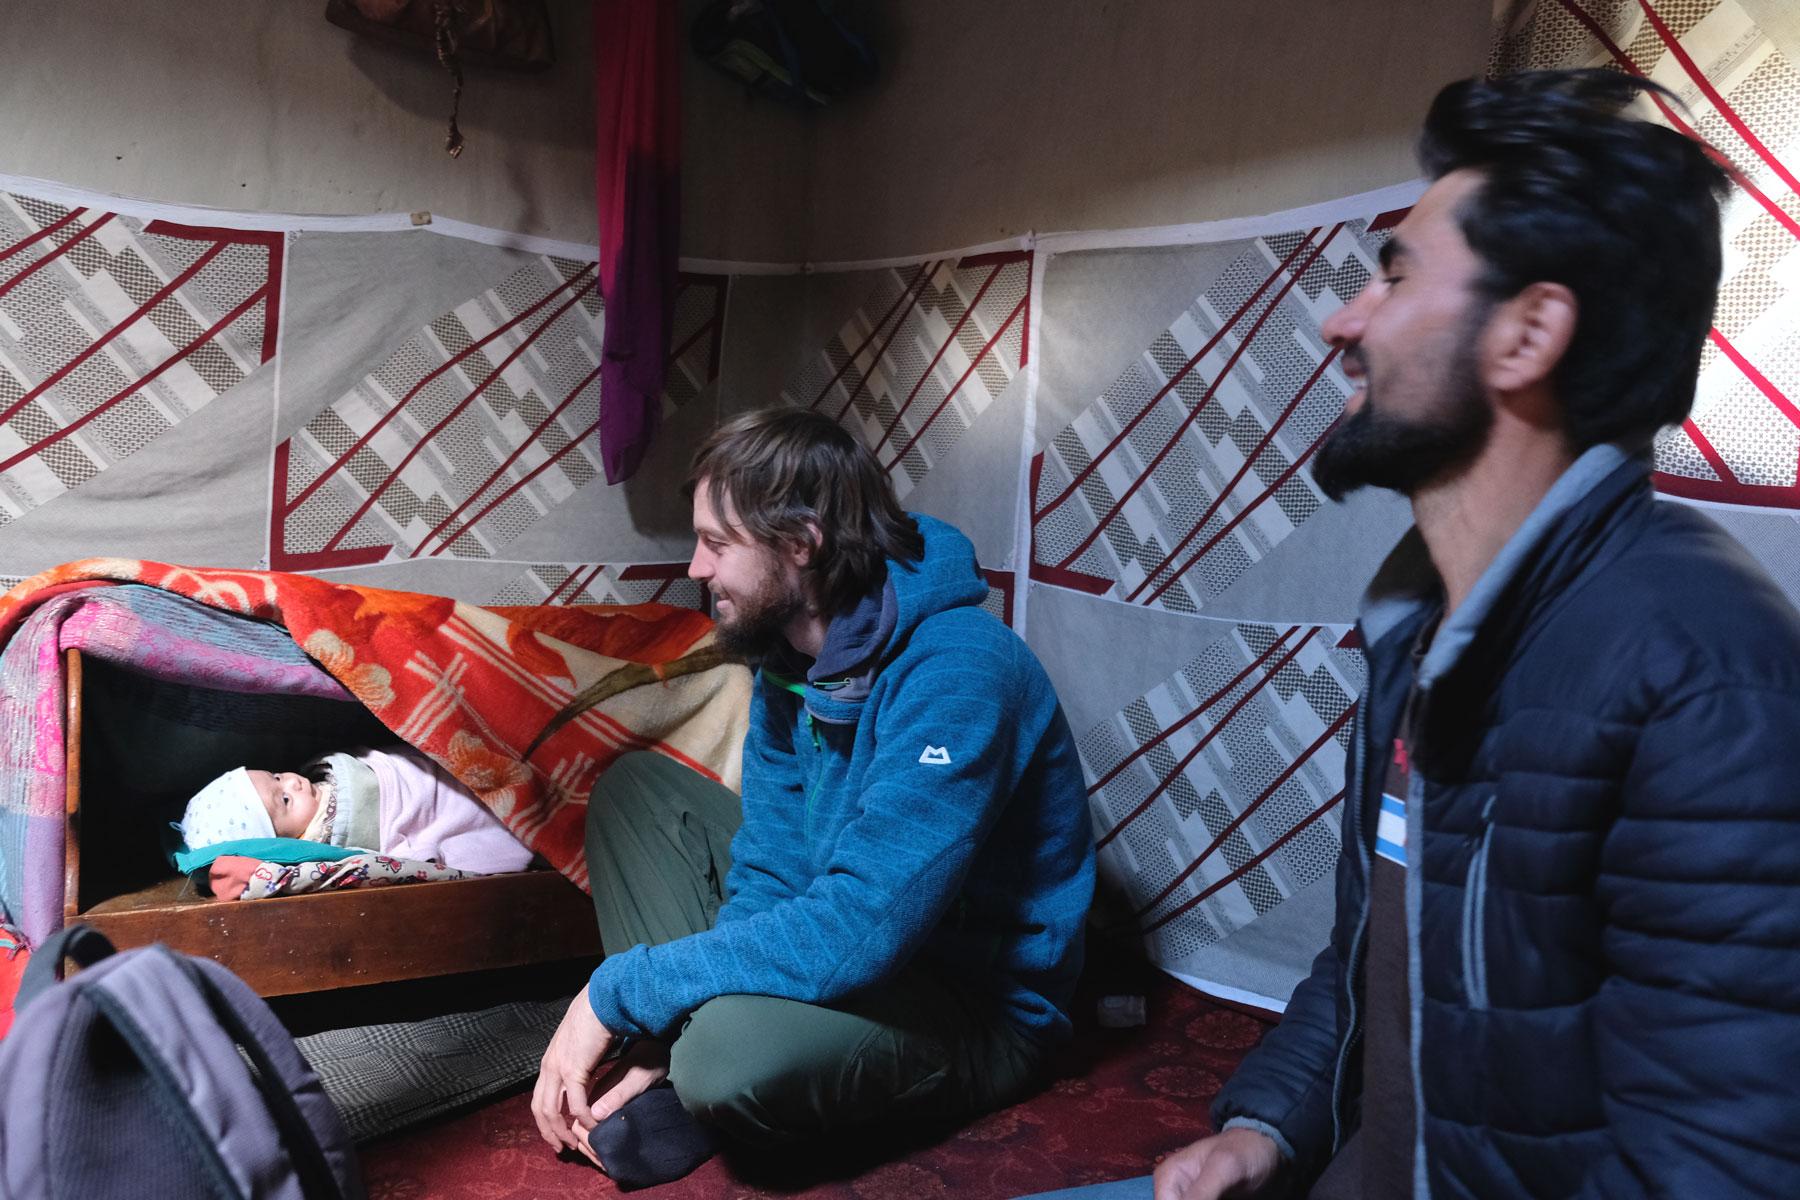 Saman läd zu einem Tee bei sich zu Hause ein und wir lernen seinen Neffen kennen, der die kalten Tage dick eingepackt in seiner Wiege verbringt